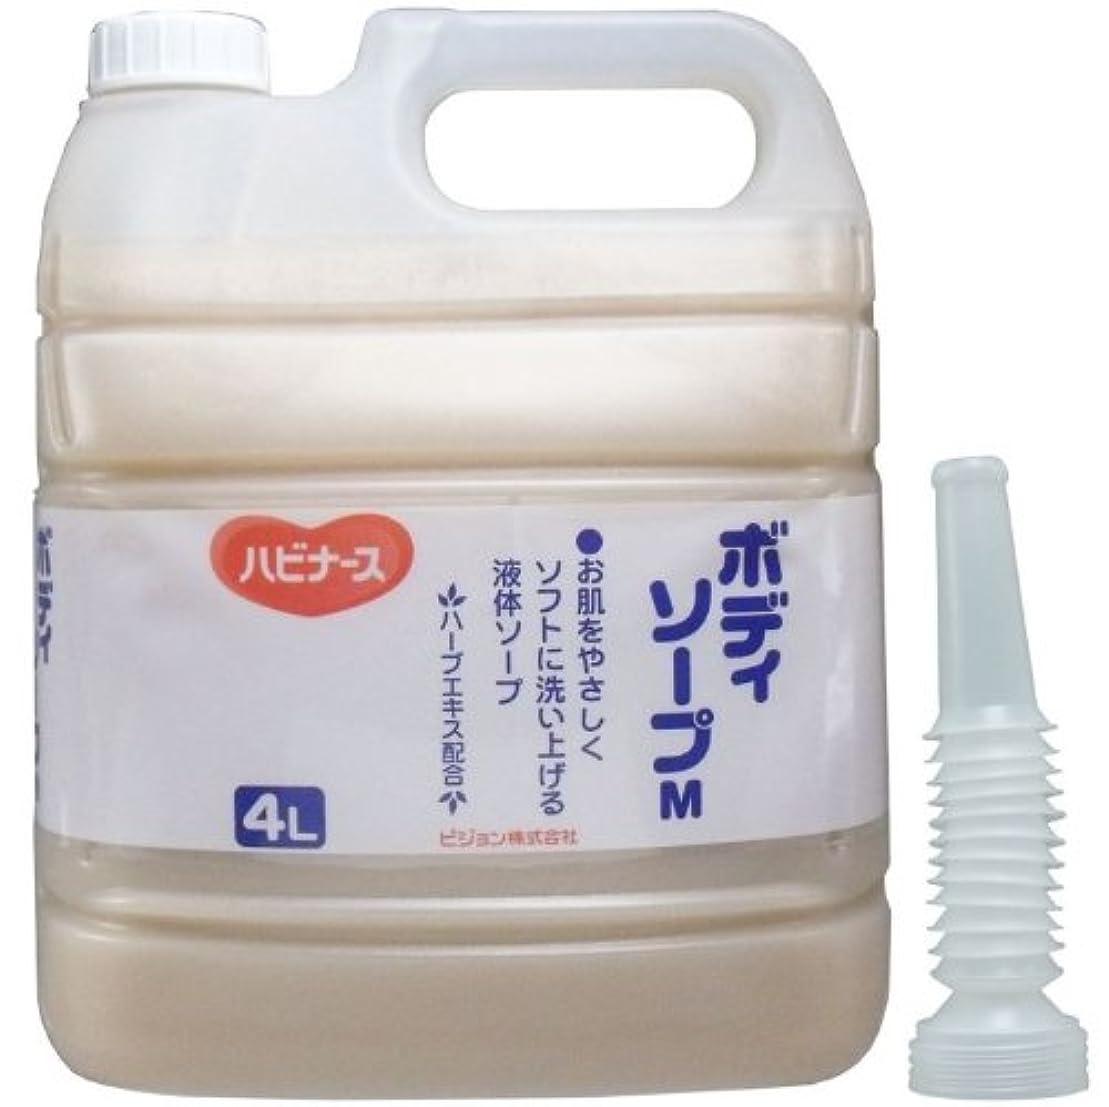 模索赤字温室液体ソープ ボディソープ 風呂 石ケン お肌をやさしくソフトに洗い上げる!業務用 4L【5個セット】